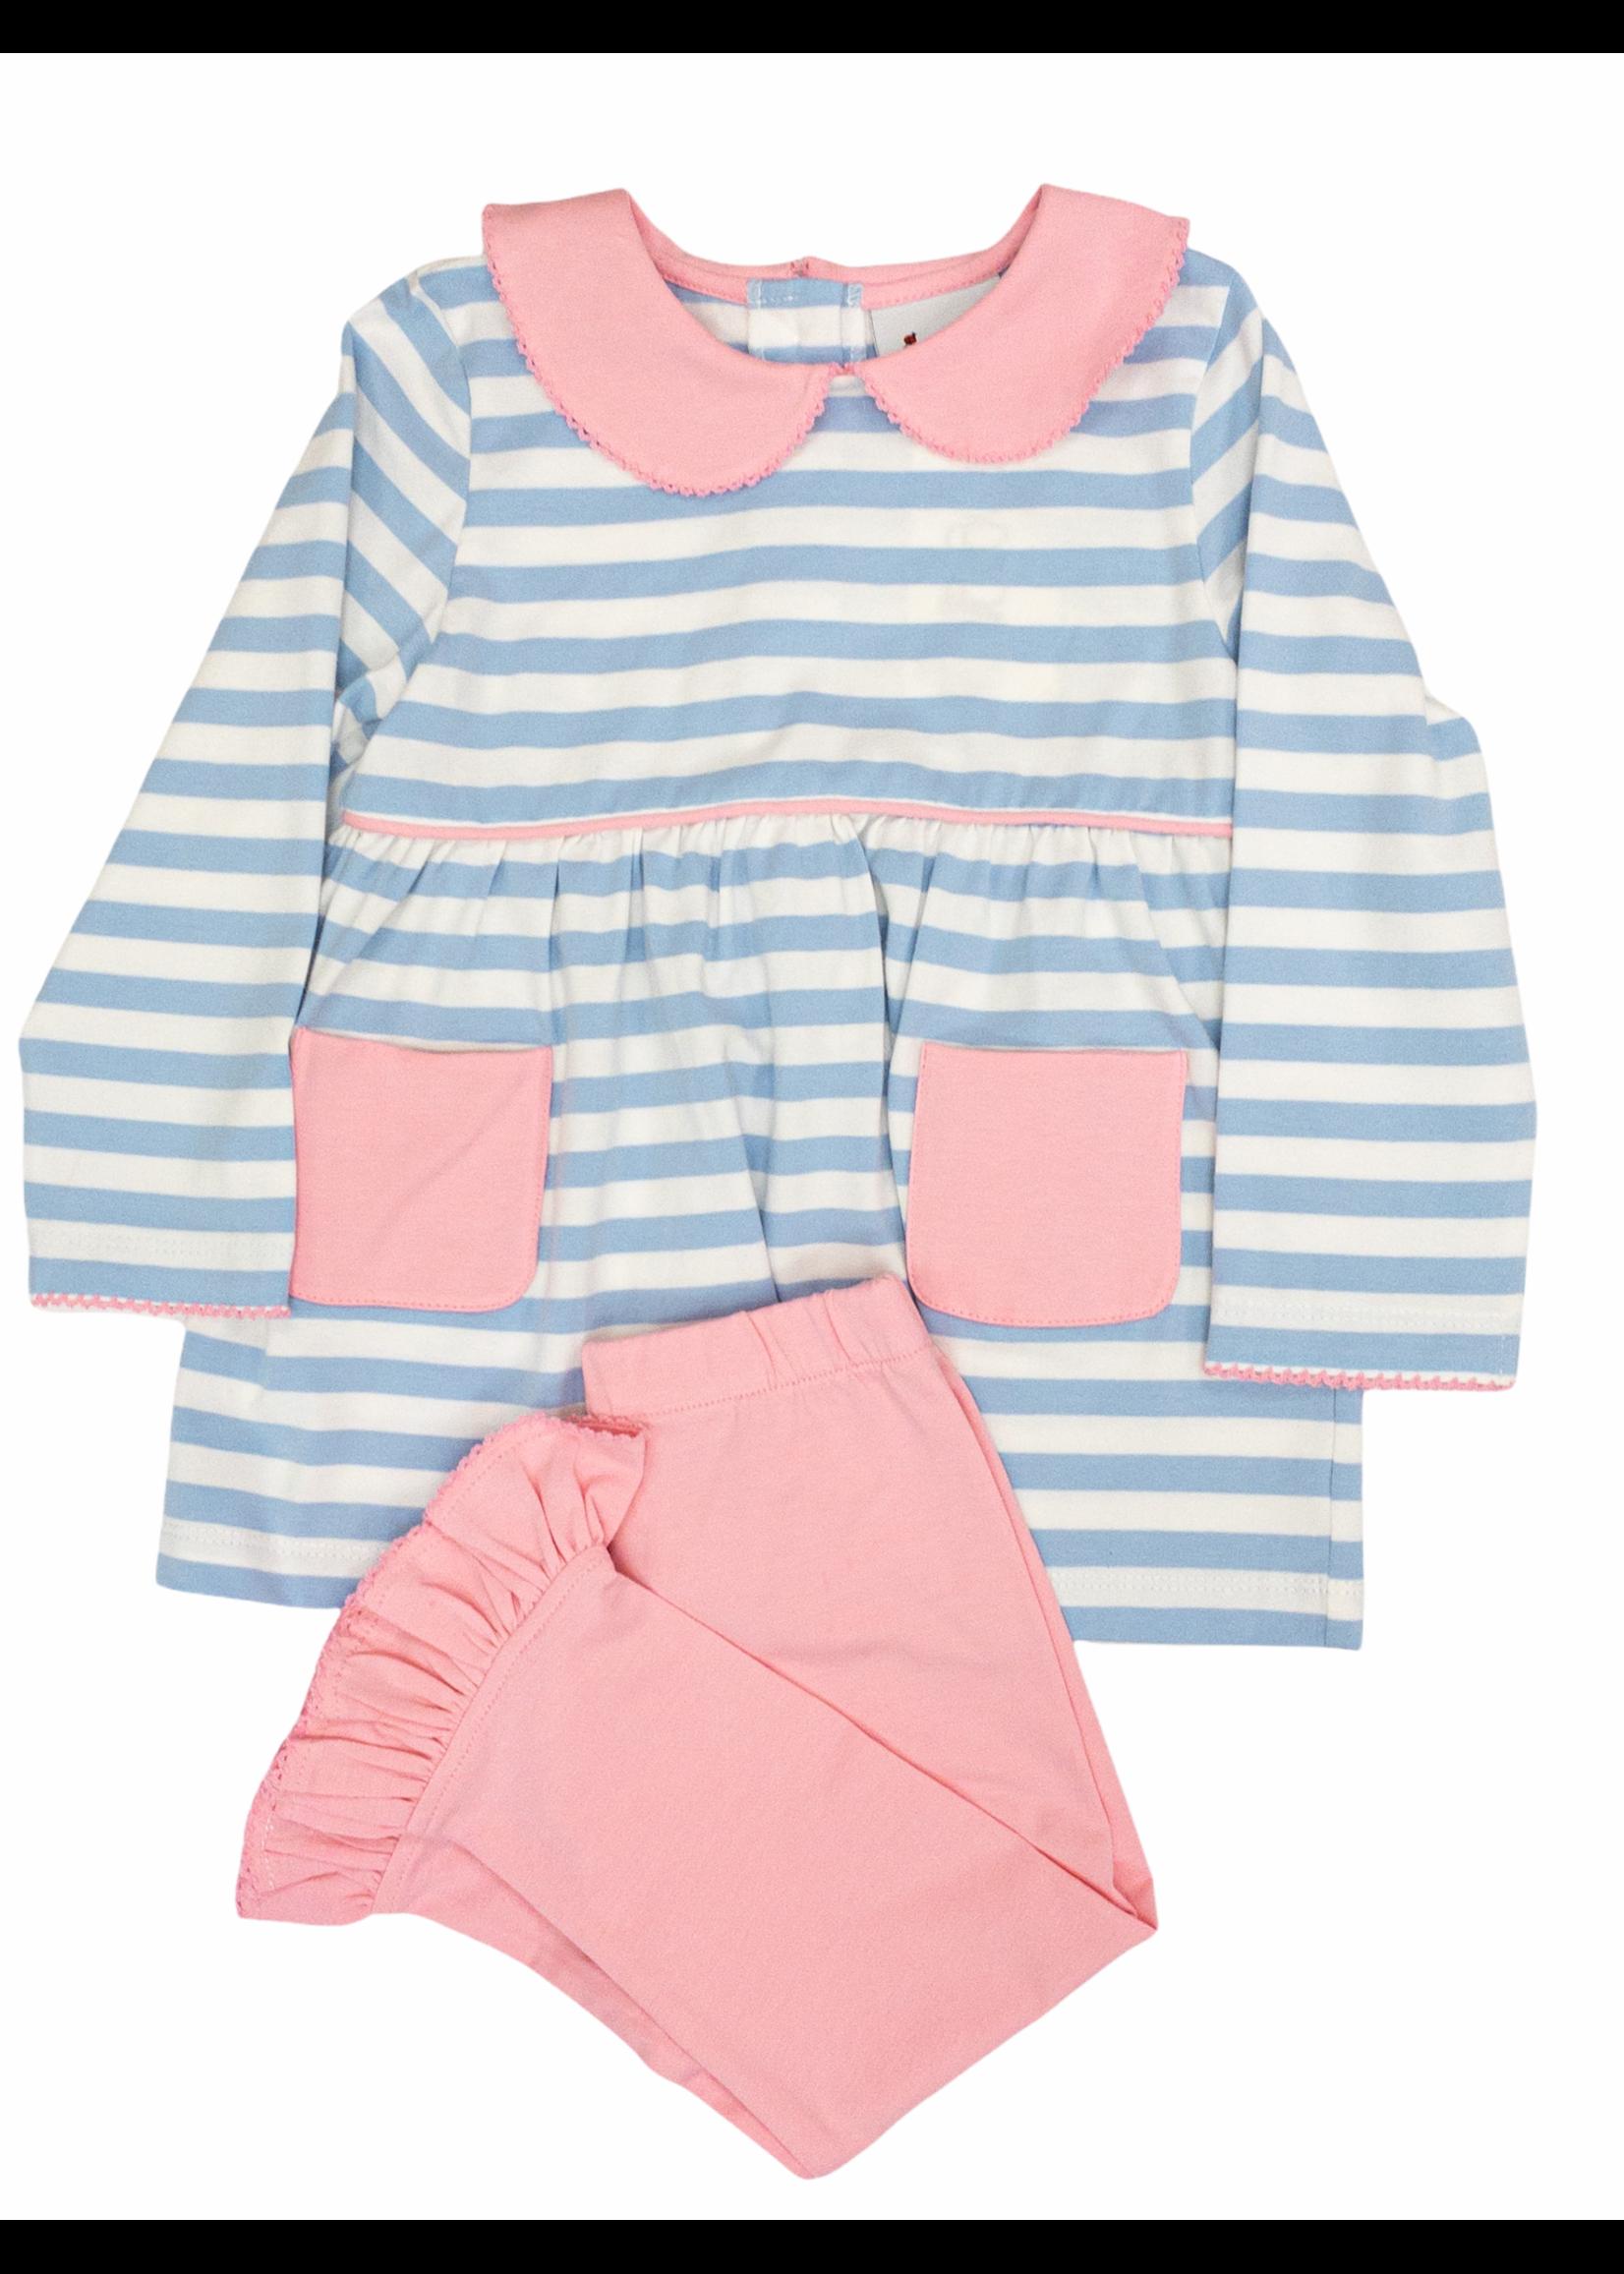 Delaney 150 Light Blue Pink Stripe Knit Legging Set